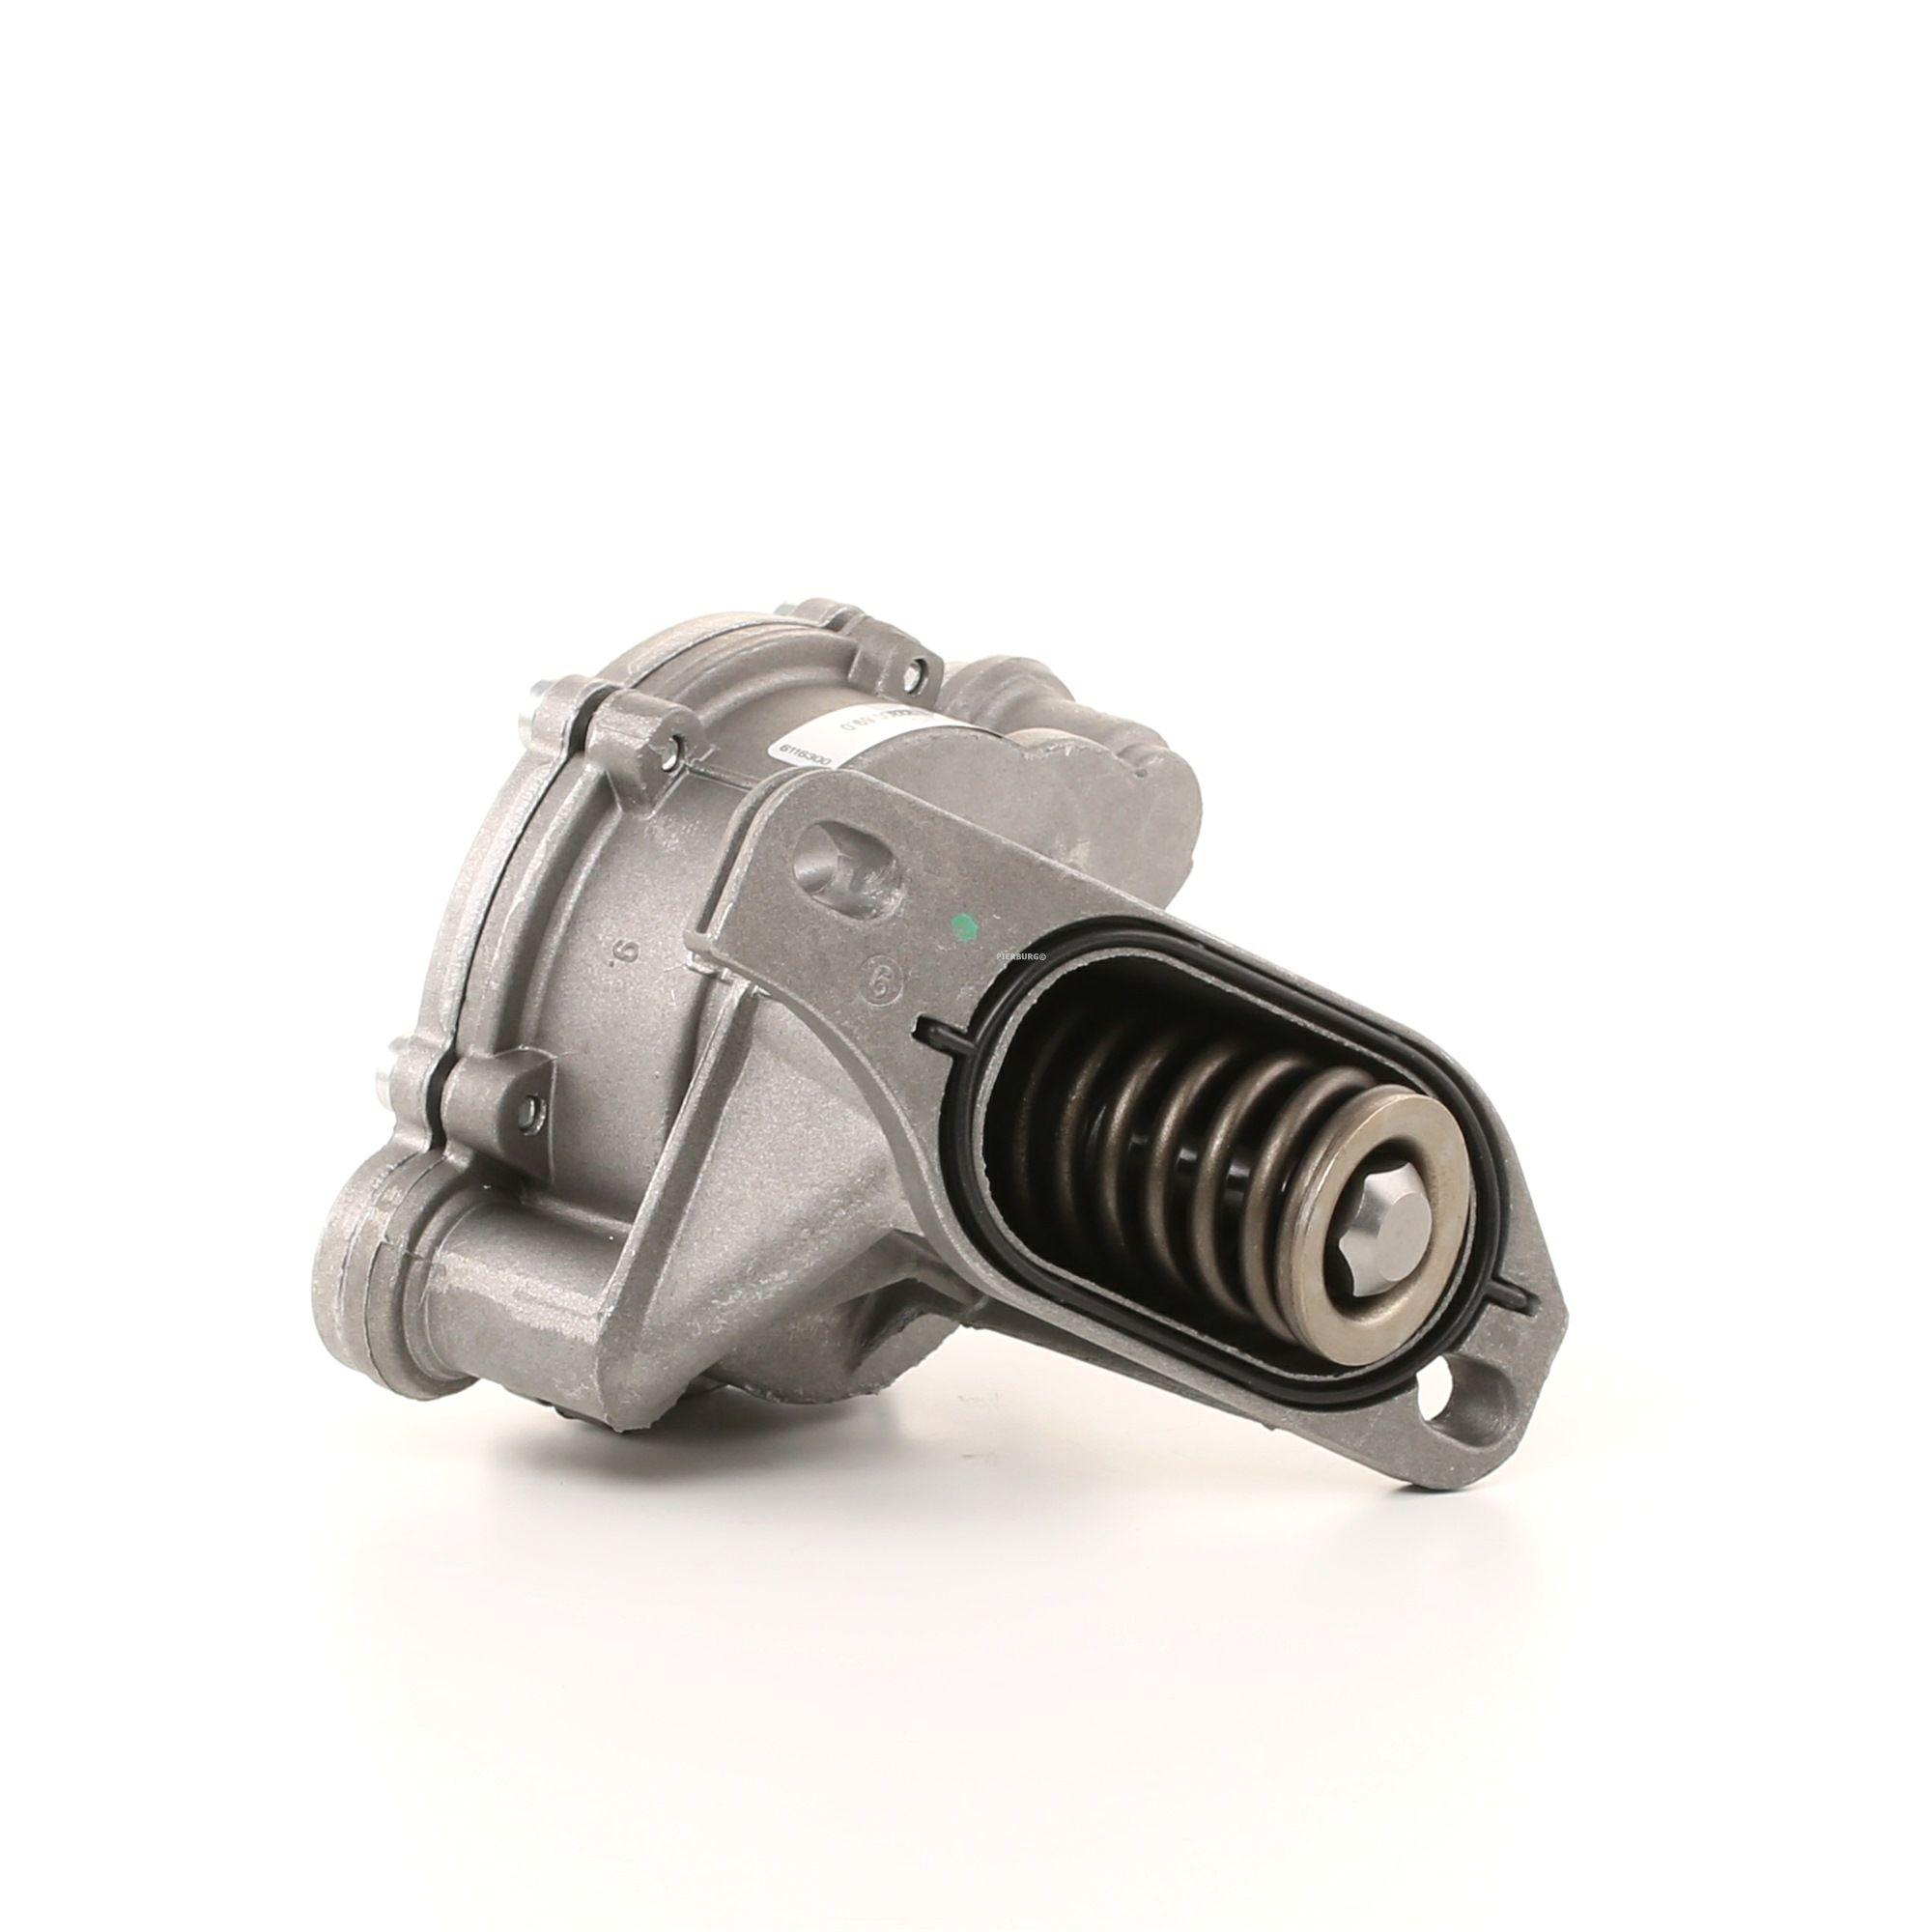 Vakuumpumpe Bremse PIERBURG 7.22300.69.0 Bewertung